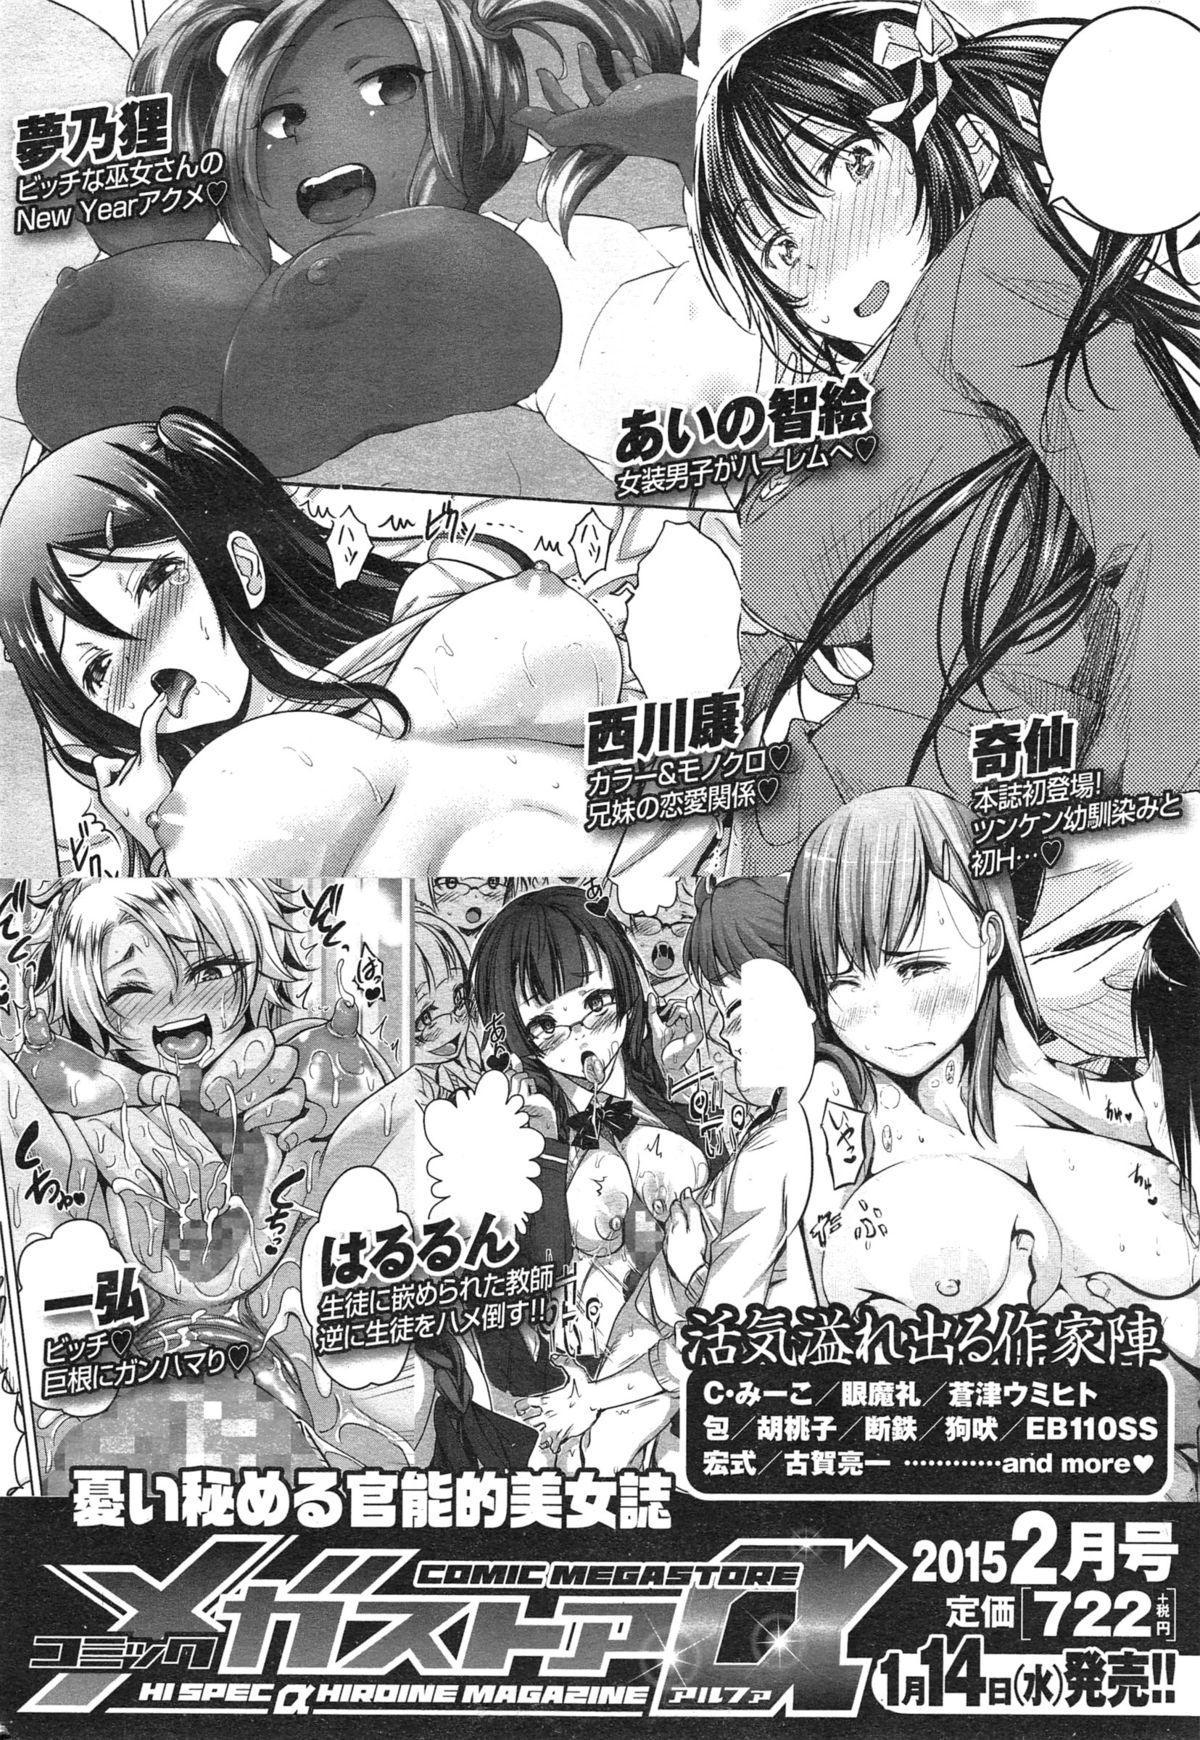 COMIC Megastore Alpha 2015-01 545